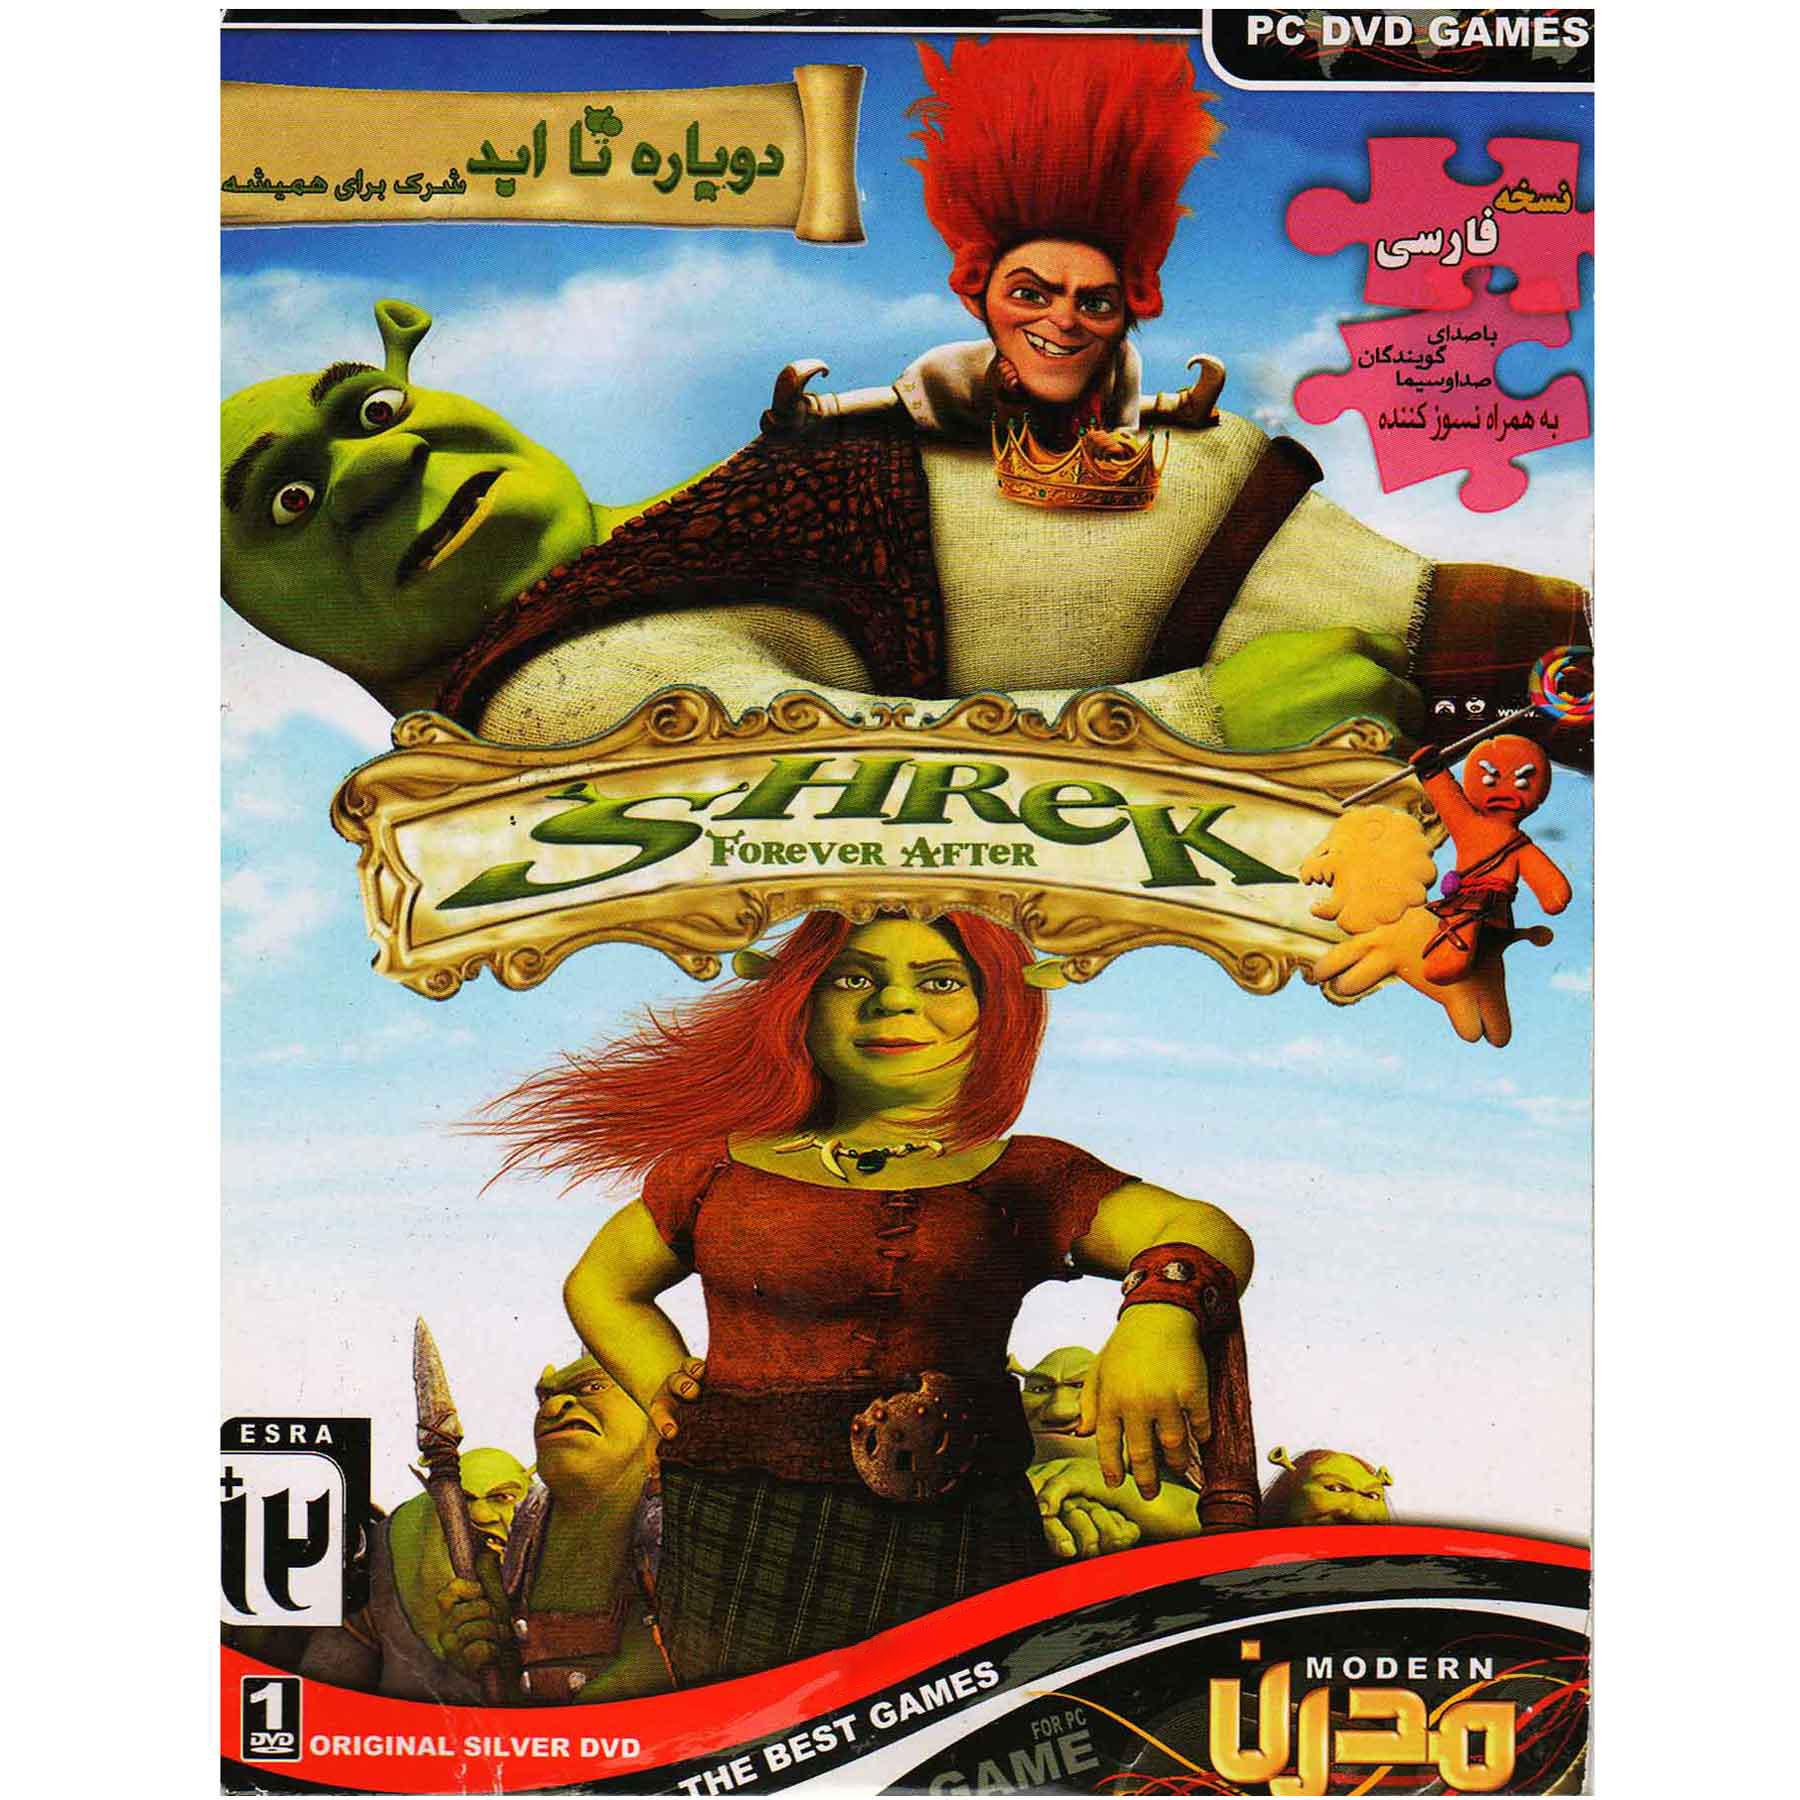 خرید اینترنتی بازی Shrek Forever After مخصوص pc اورجینال